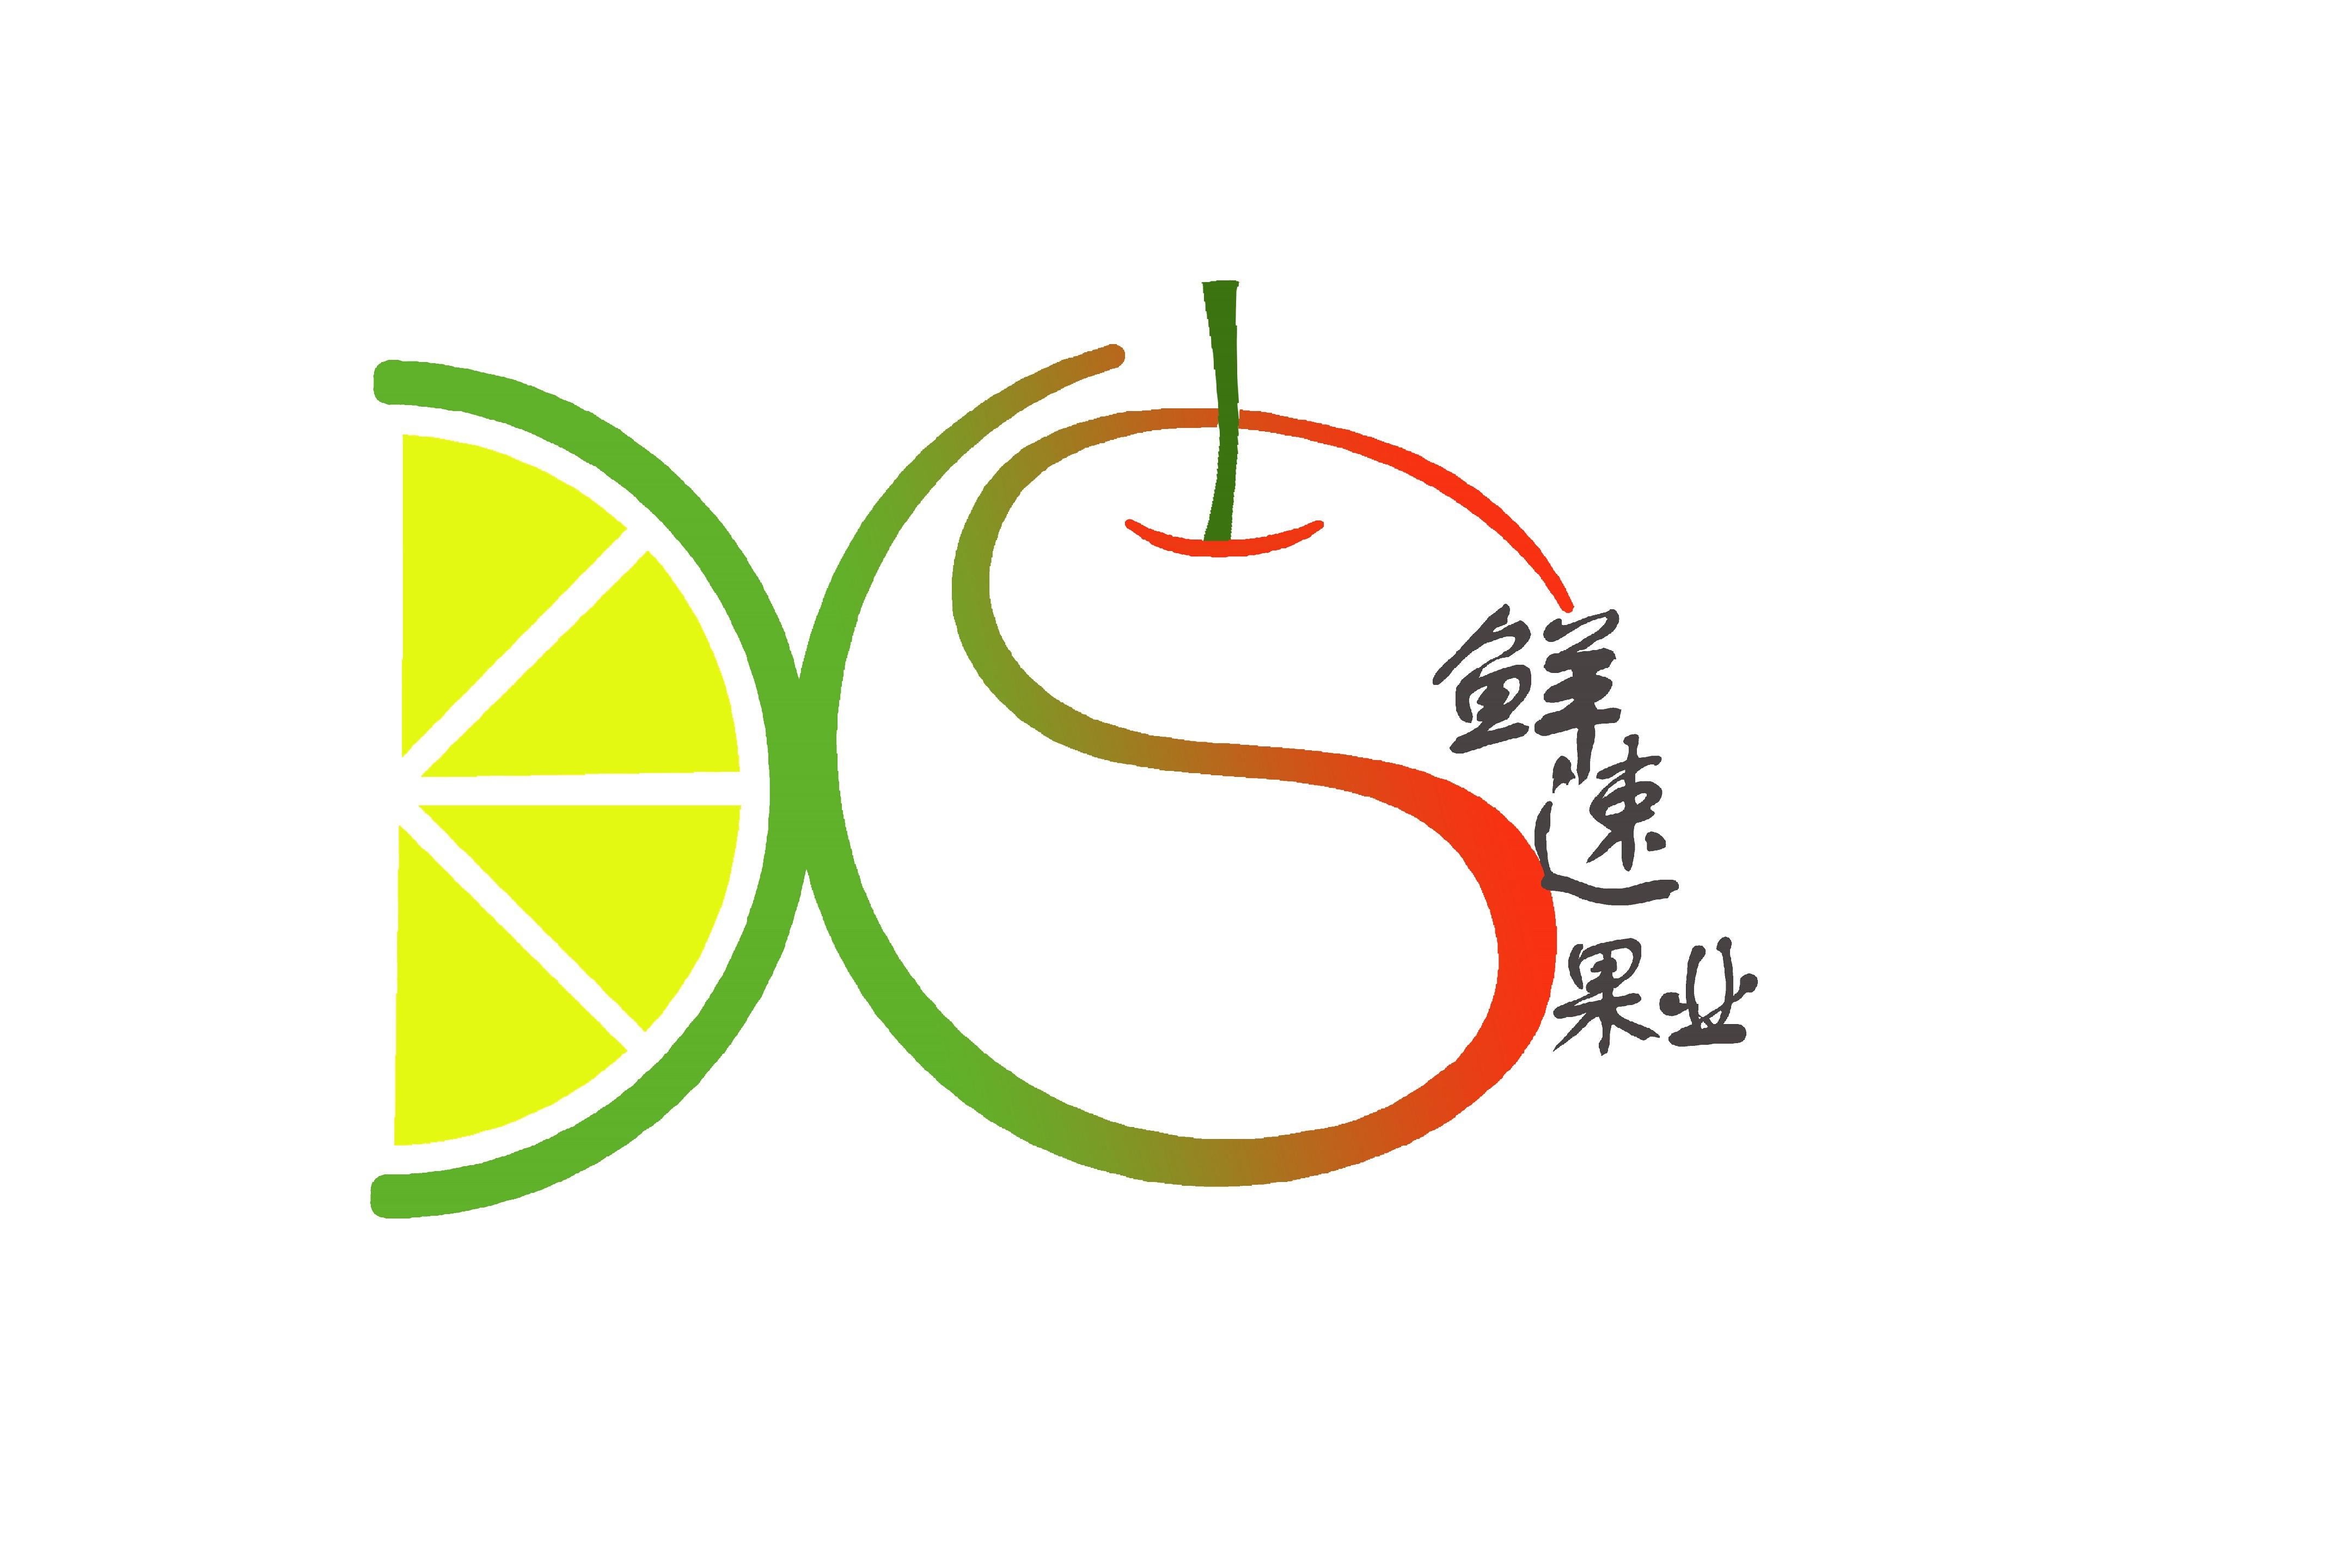 logo logo 标志 设计 矢量 矢量图 素材 图标 4288_2880